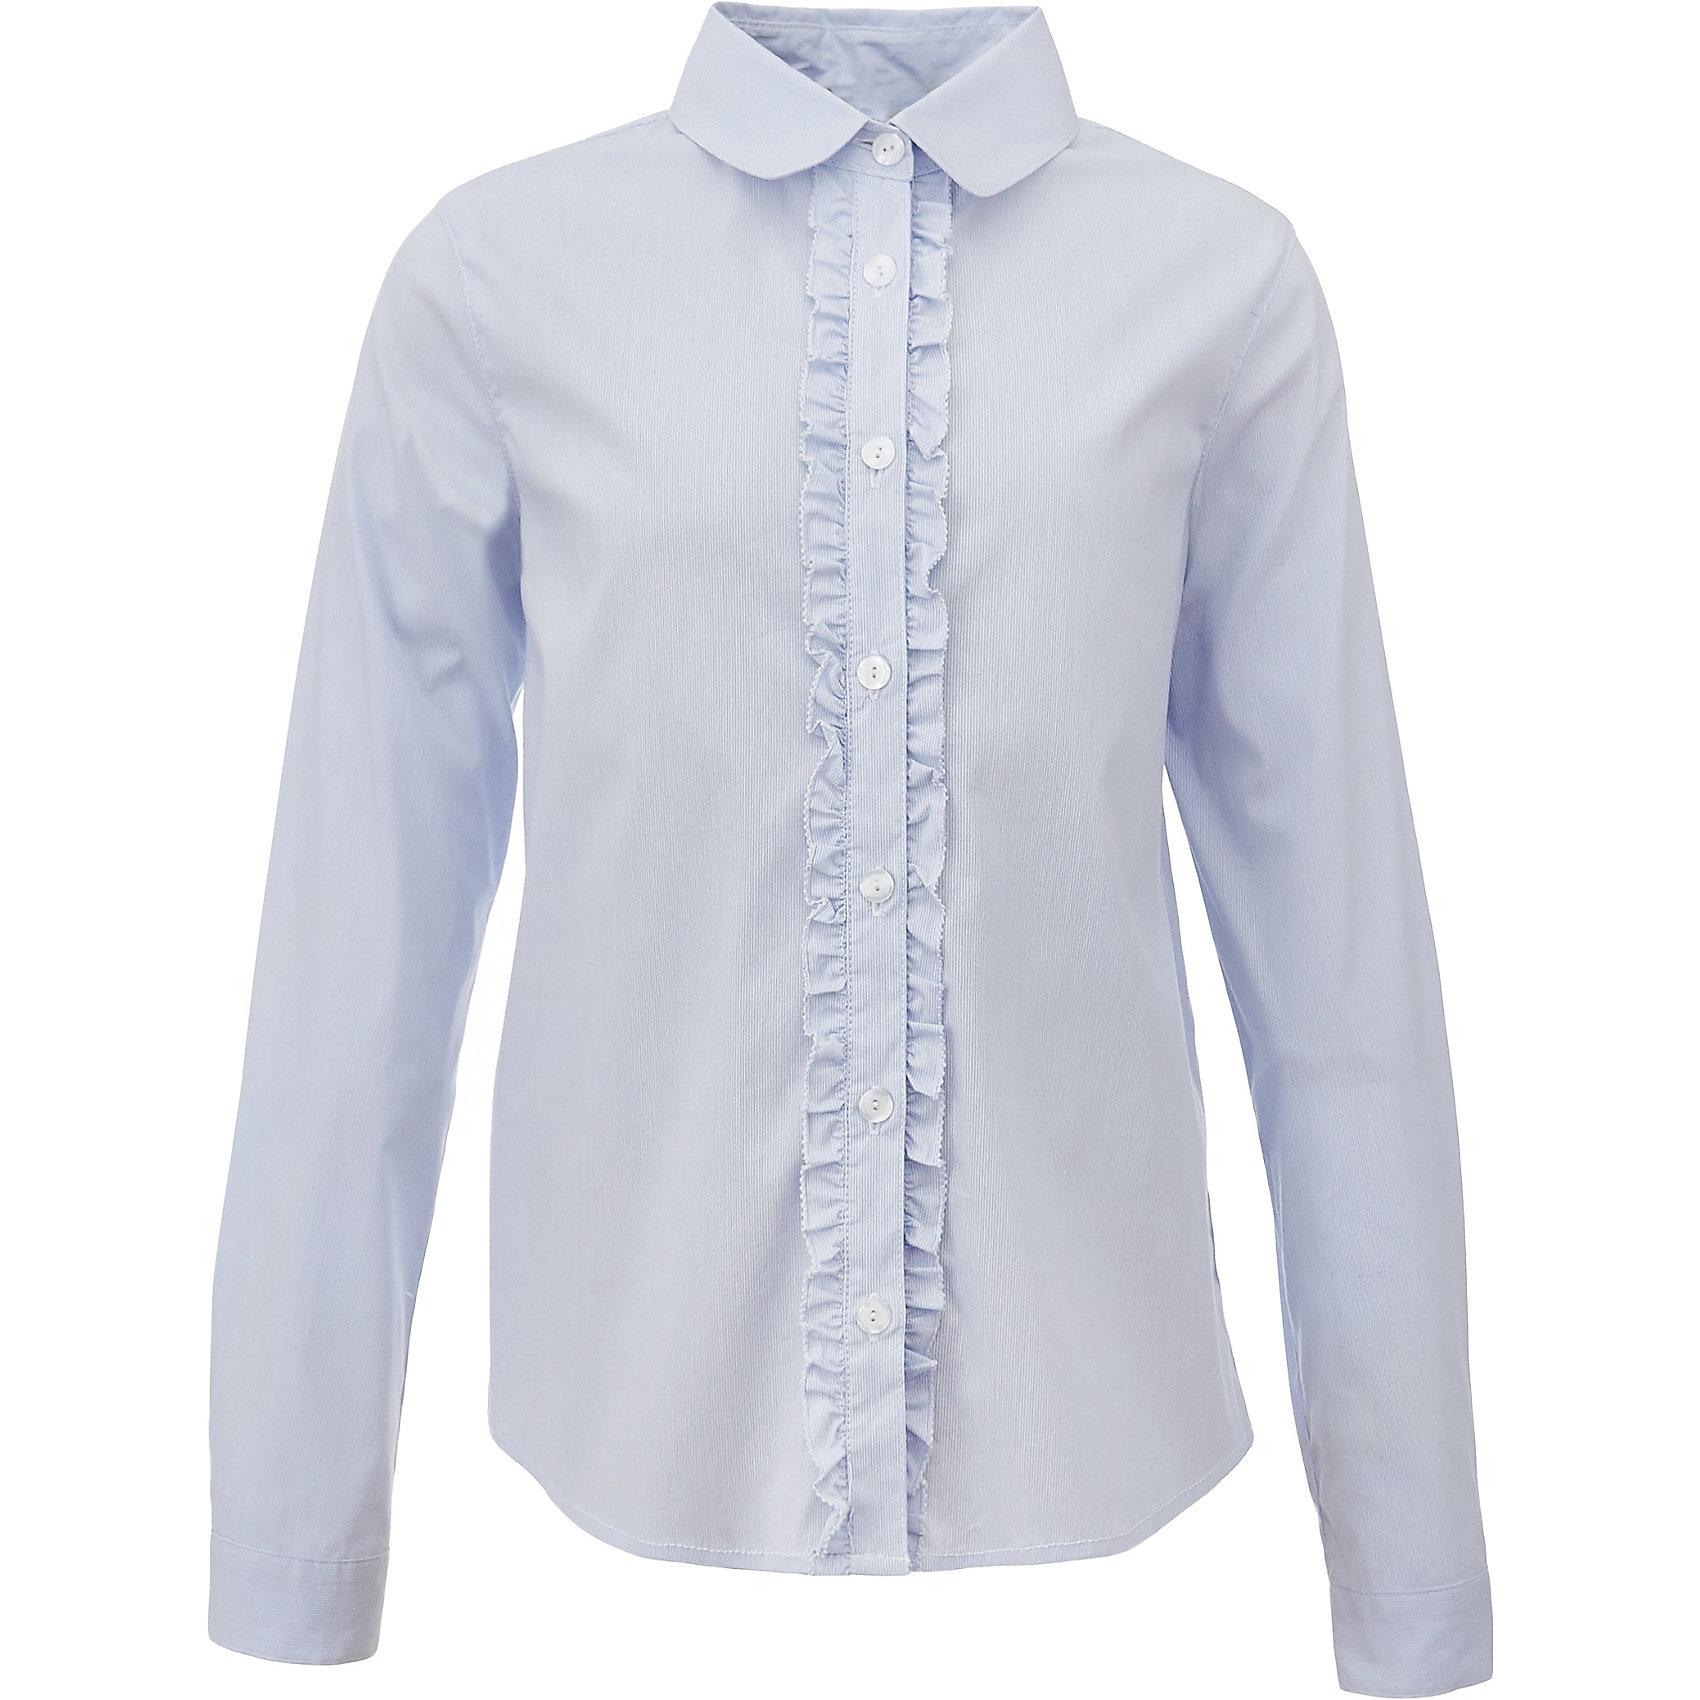 Блузка для девочки GulliverБлузки и рубашки<br>Если вы хотите купить школьную блузку для девочки, не ограничивайте свой выбор исключительно белыми блузками. Красивые блузки для школы могут быть разными! Блузка в полоску - отличный вариант на каждый день! Строгая, элегантная, интеллигентная полосатая блузка с неброским декором сделает образ ученицы свежим и интересным.<br>Состав:<br>75% хлопок 23% полиэстер 2% эластан<br><br>Ширина мм: 186<br>Глубина мм: 87<br>Высота мм: 198<br>Вес г: 197<br>Цвет: голубой<br>Возраст от месяцев: 168<br>Возраст до месяцев: 180<br>Пол: Женский<br>Возраст: Детский<br>Размер: 170,122,128,134,140,146,152,158,164<br>SKU: 6678778